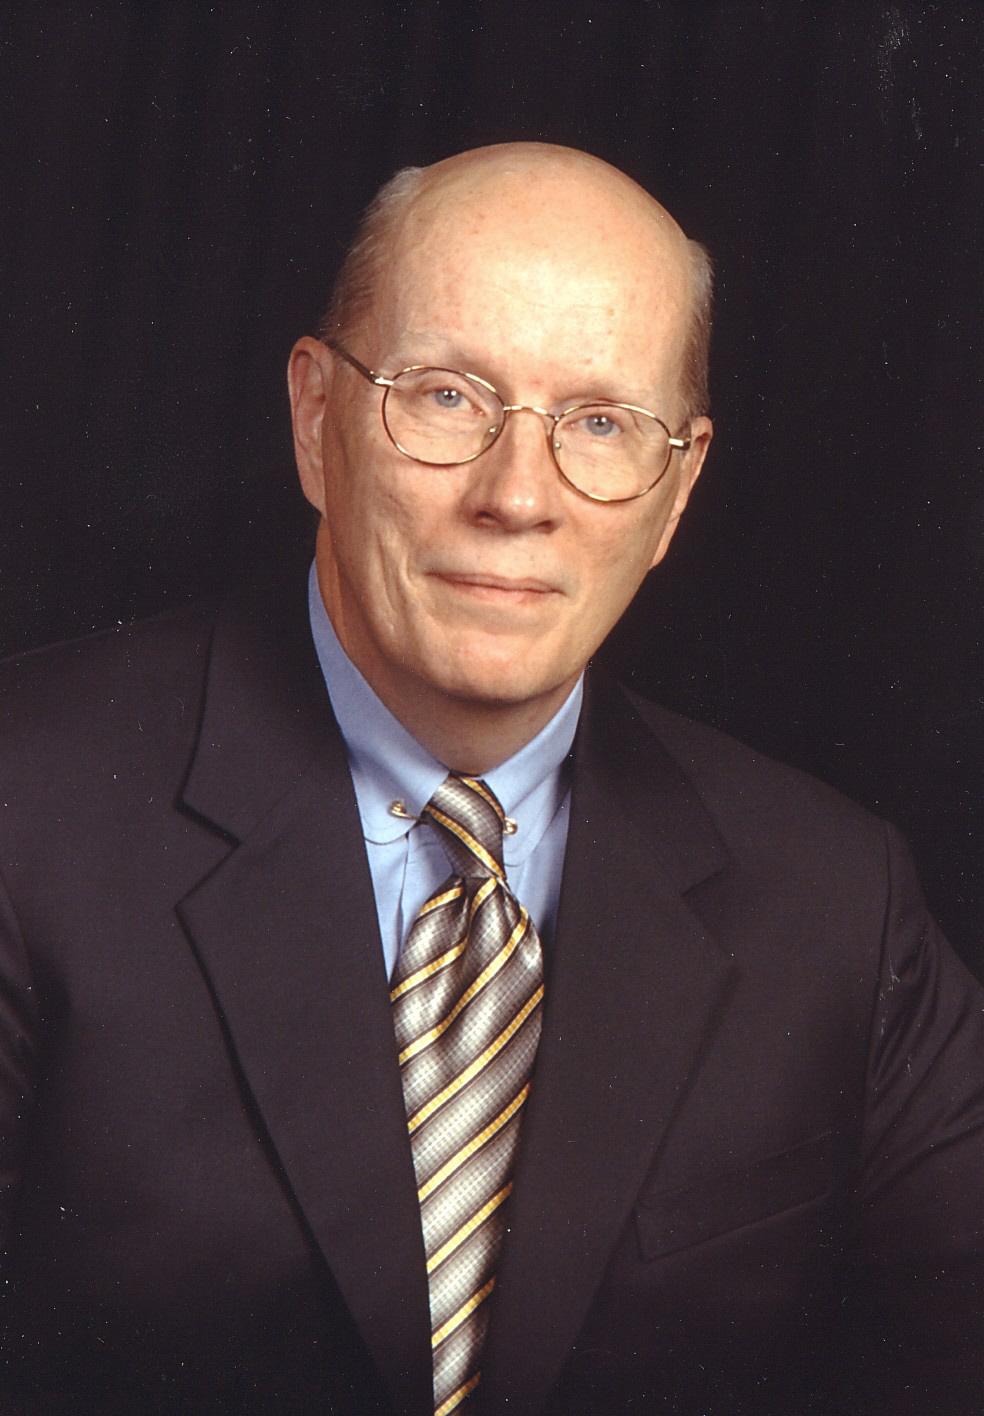 Paul Schröder